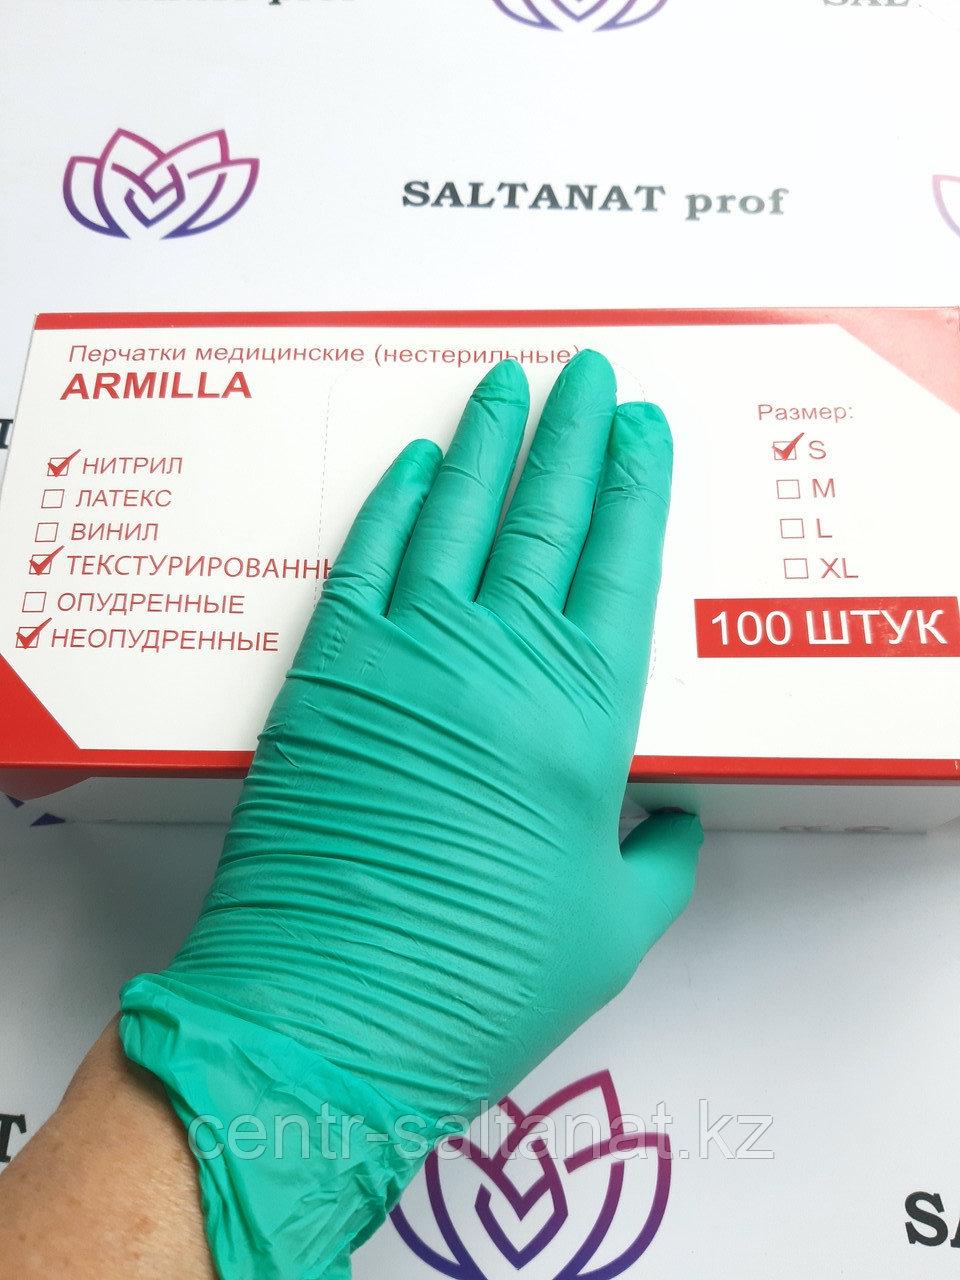 Перчатки нитриловые  зеленые S 100 штук